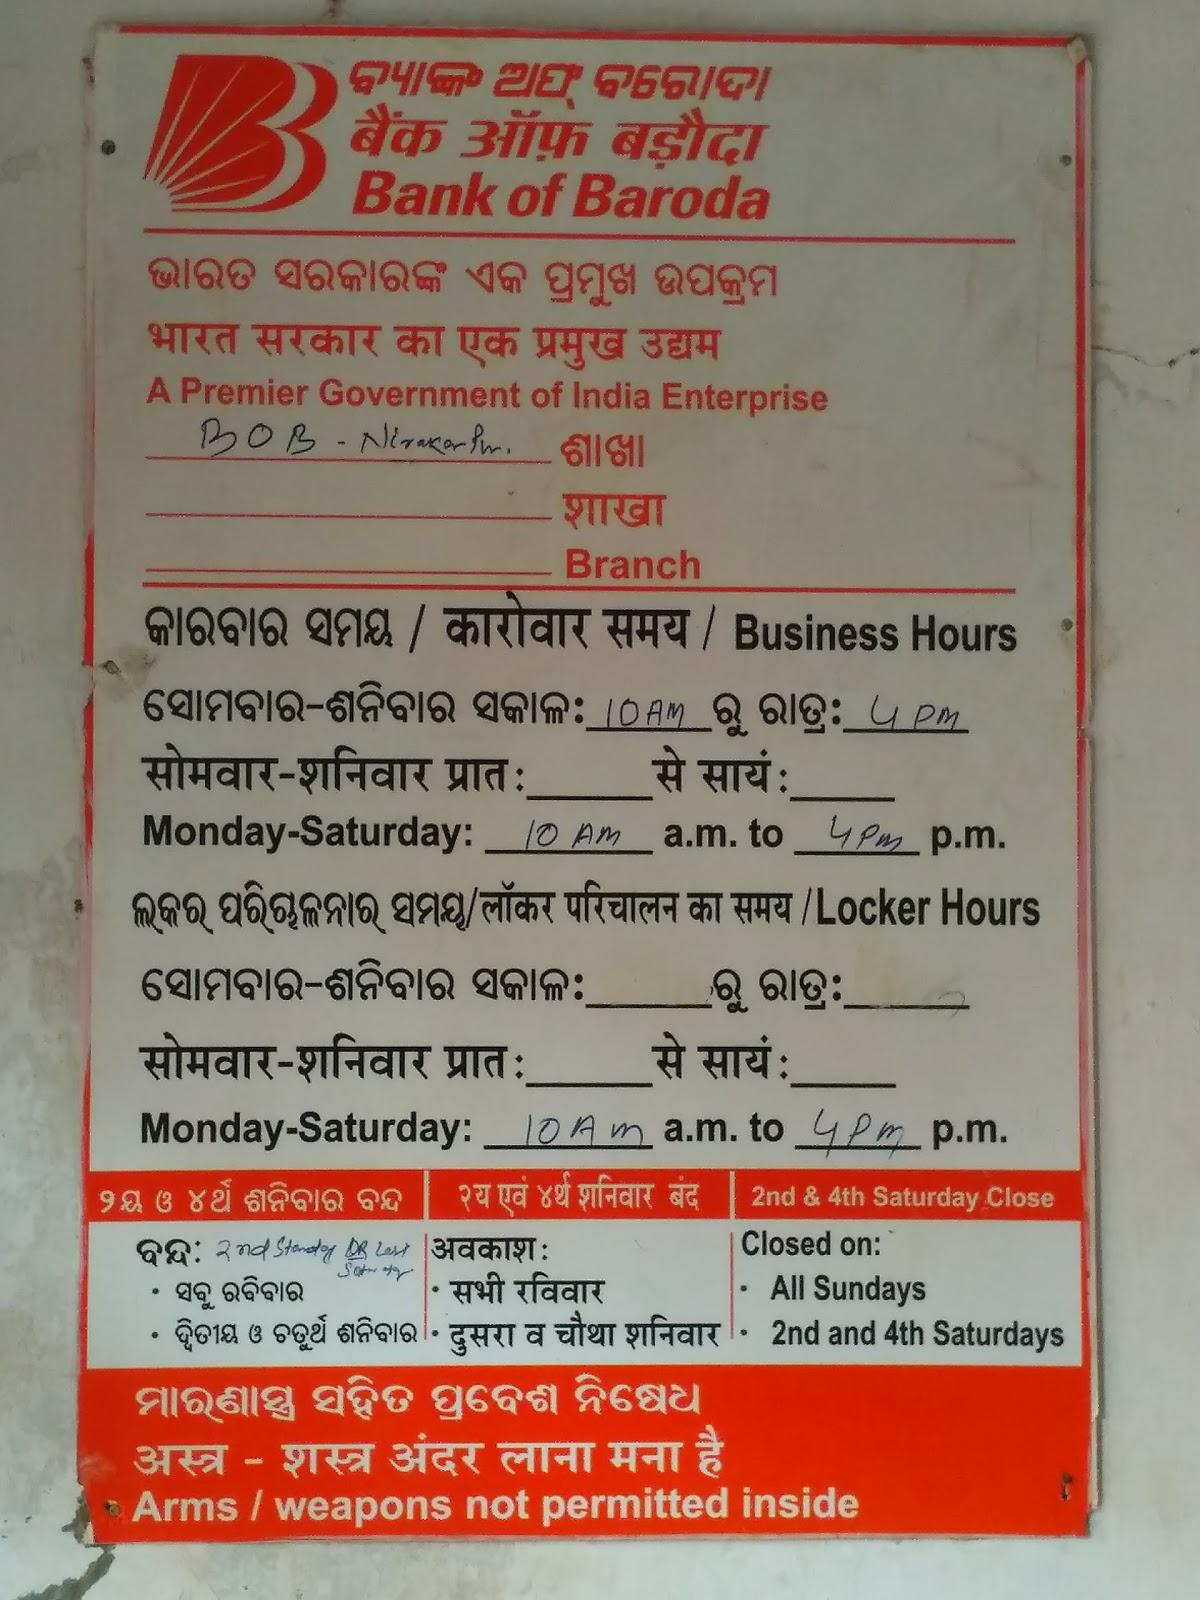 blood bank Bank Of Baroda near Nirakarpur Odisha